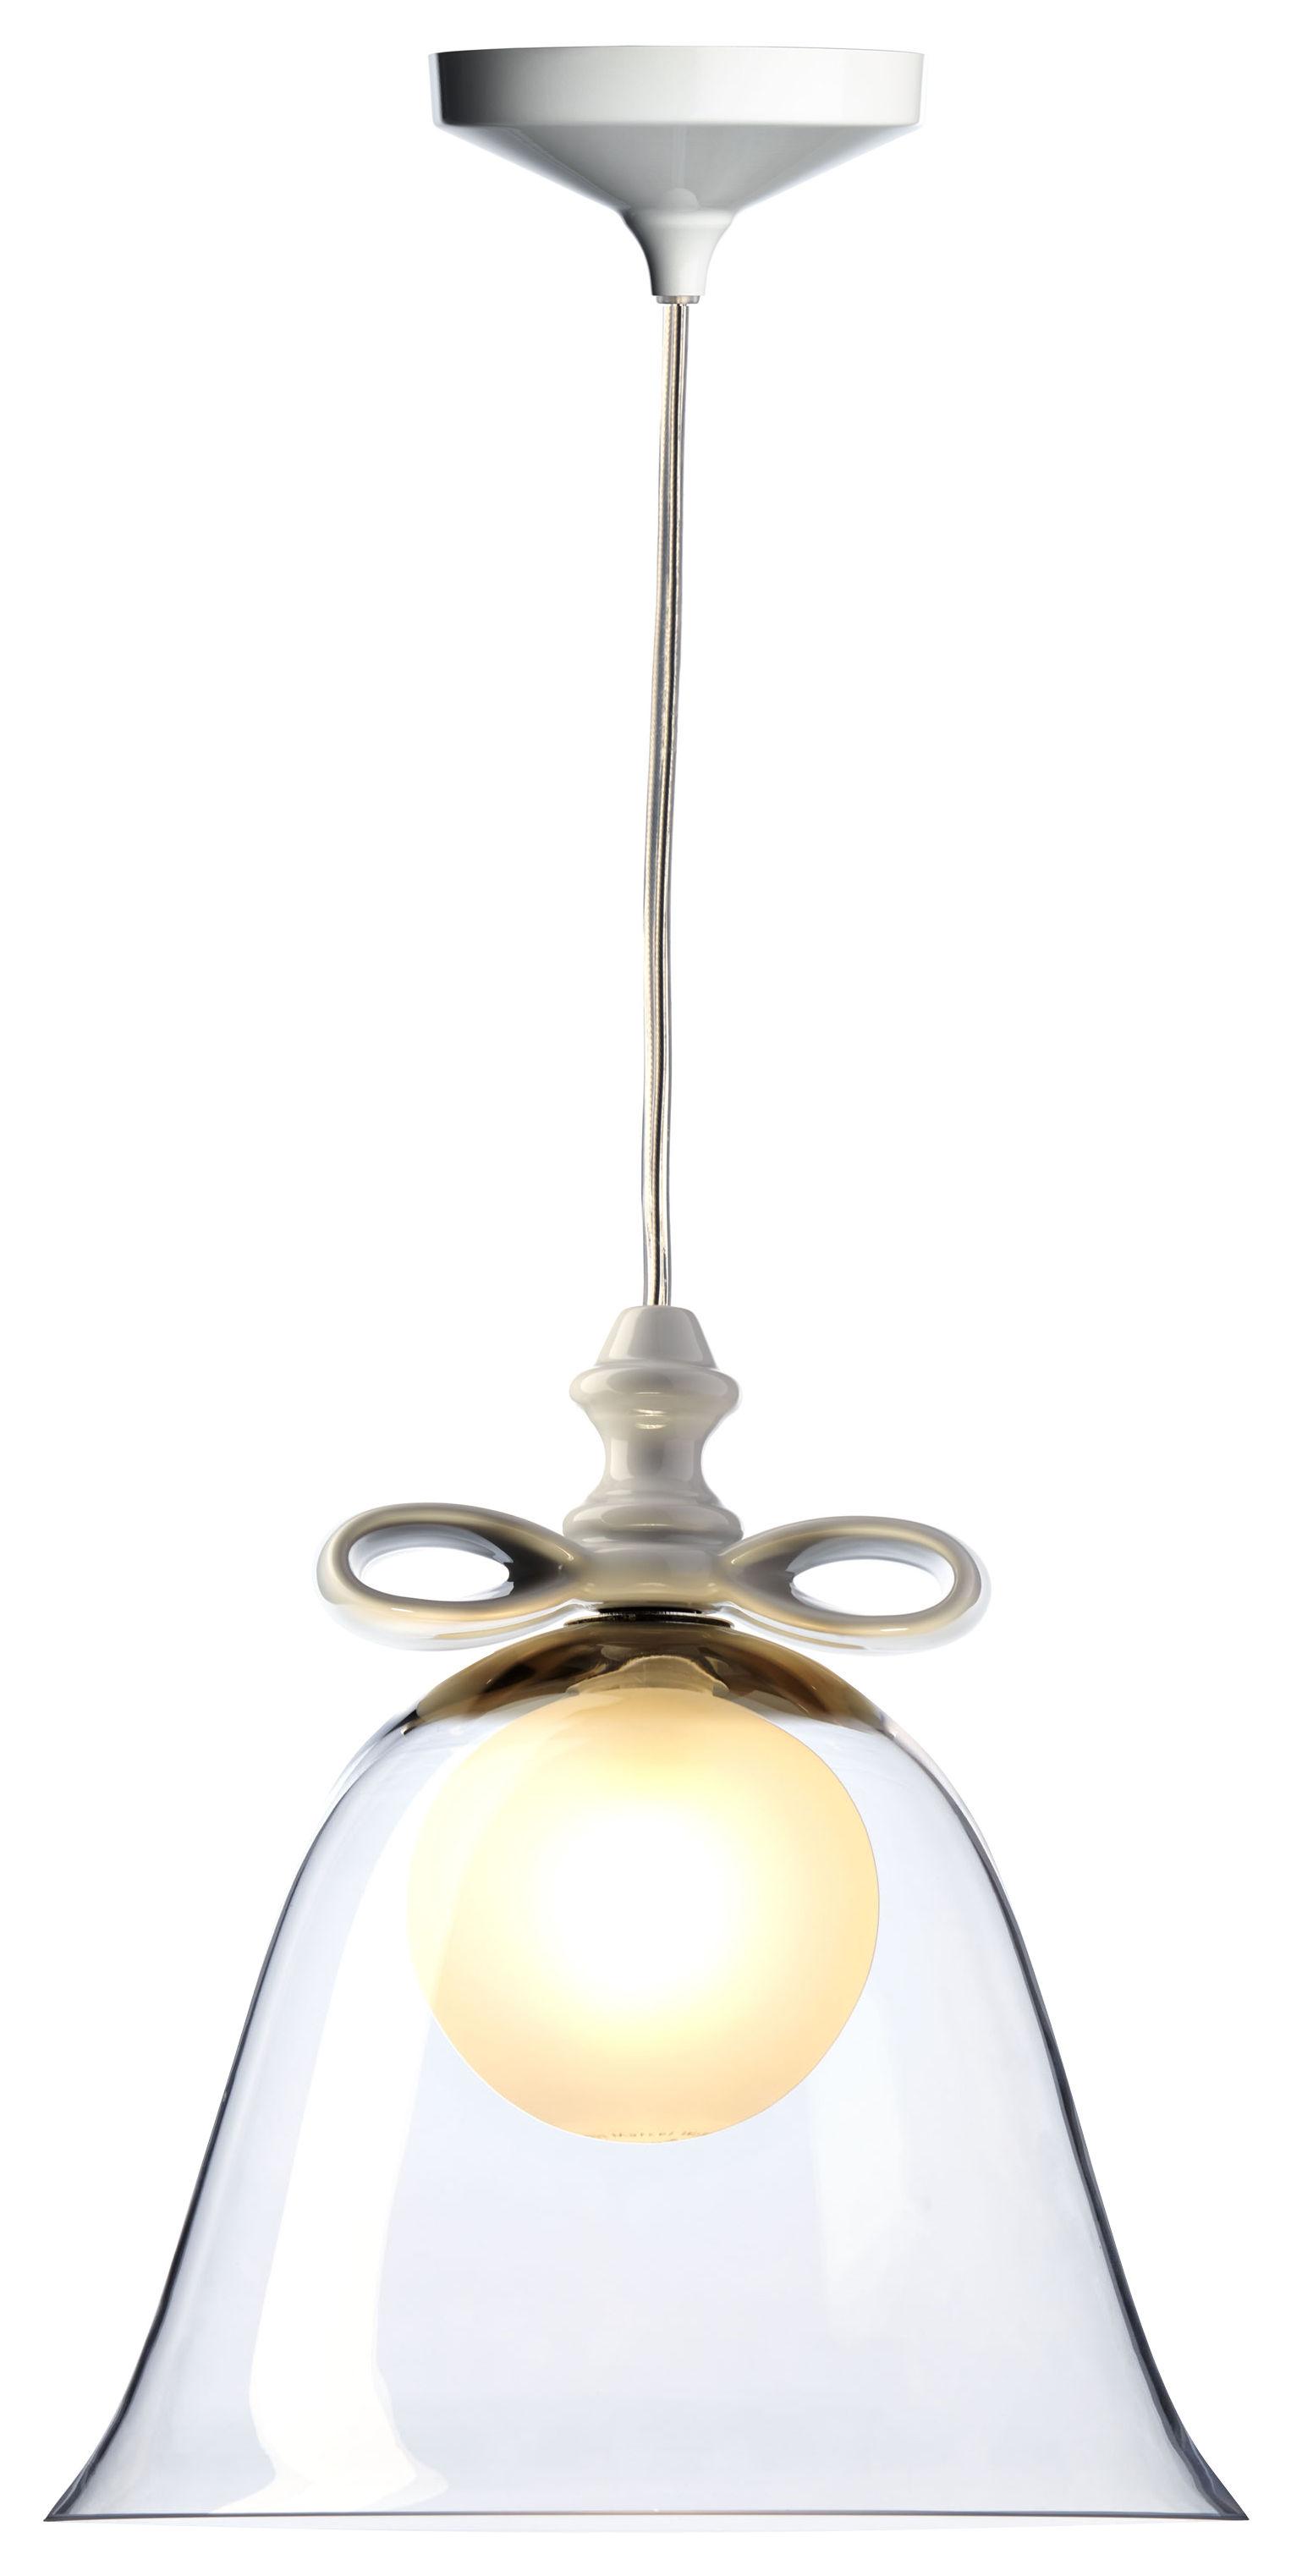 Luminaire - Suspensions - Suspension Bell Medium / Ø 35 x H 27 cm - Moooi - Transparent / Noeud blanc - Céramique, Verre soufflé bouche